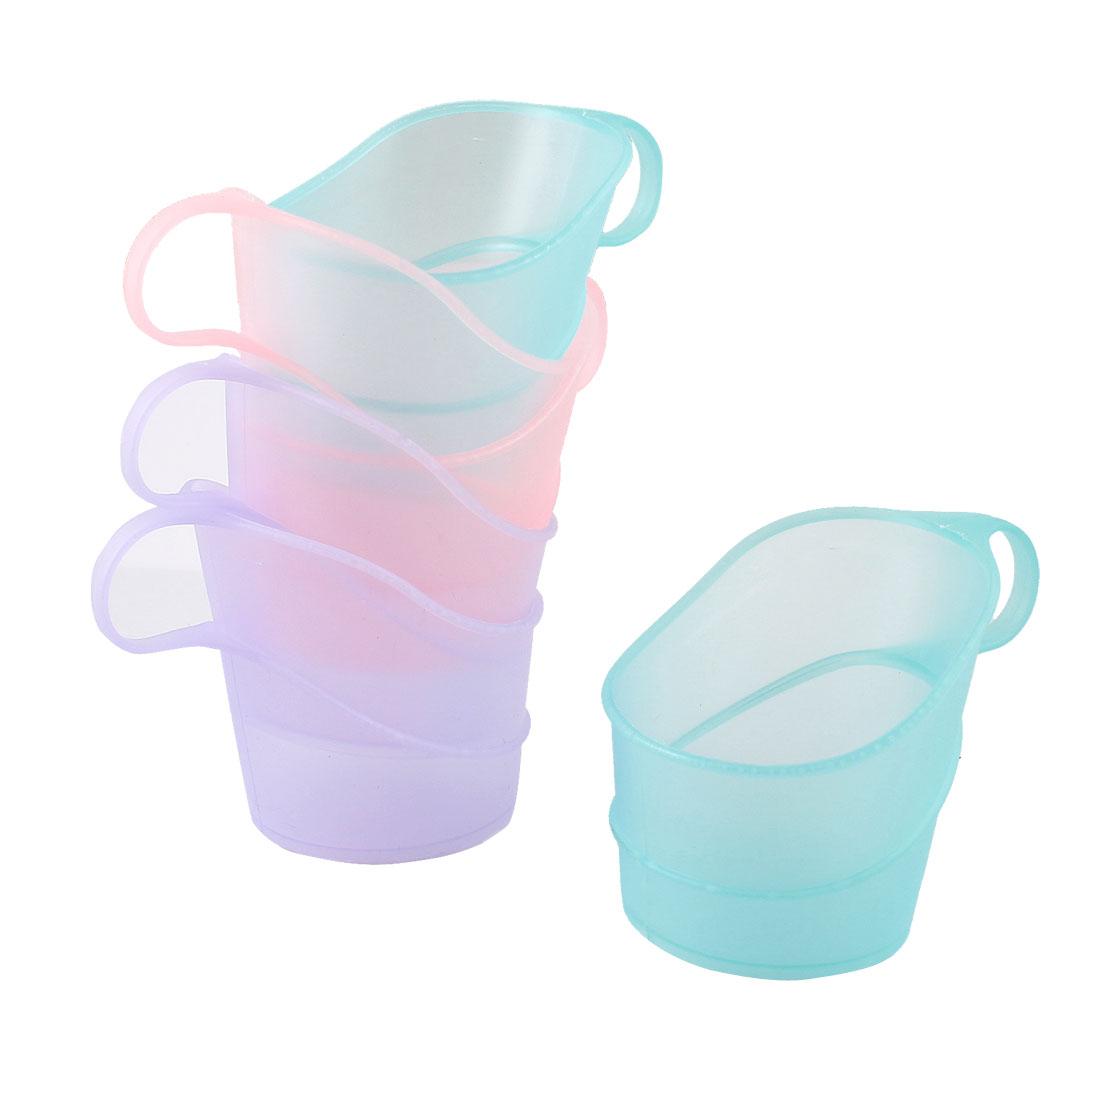 6 Pcs Assorted Color 5cm Bottom Dia Plastic Cup Mug Holder